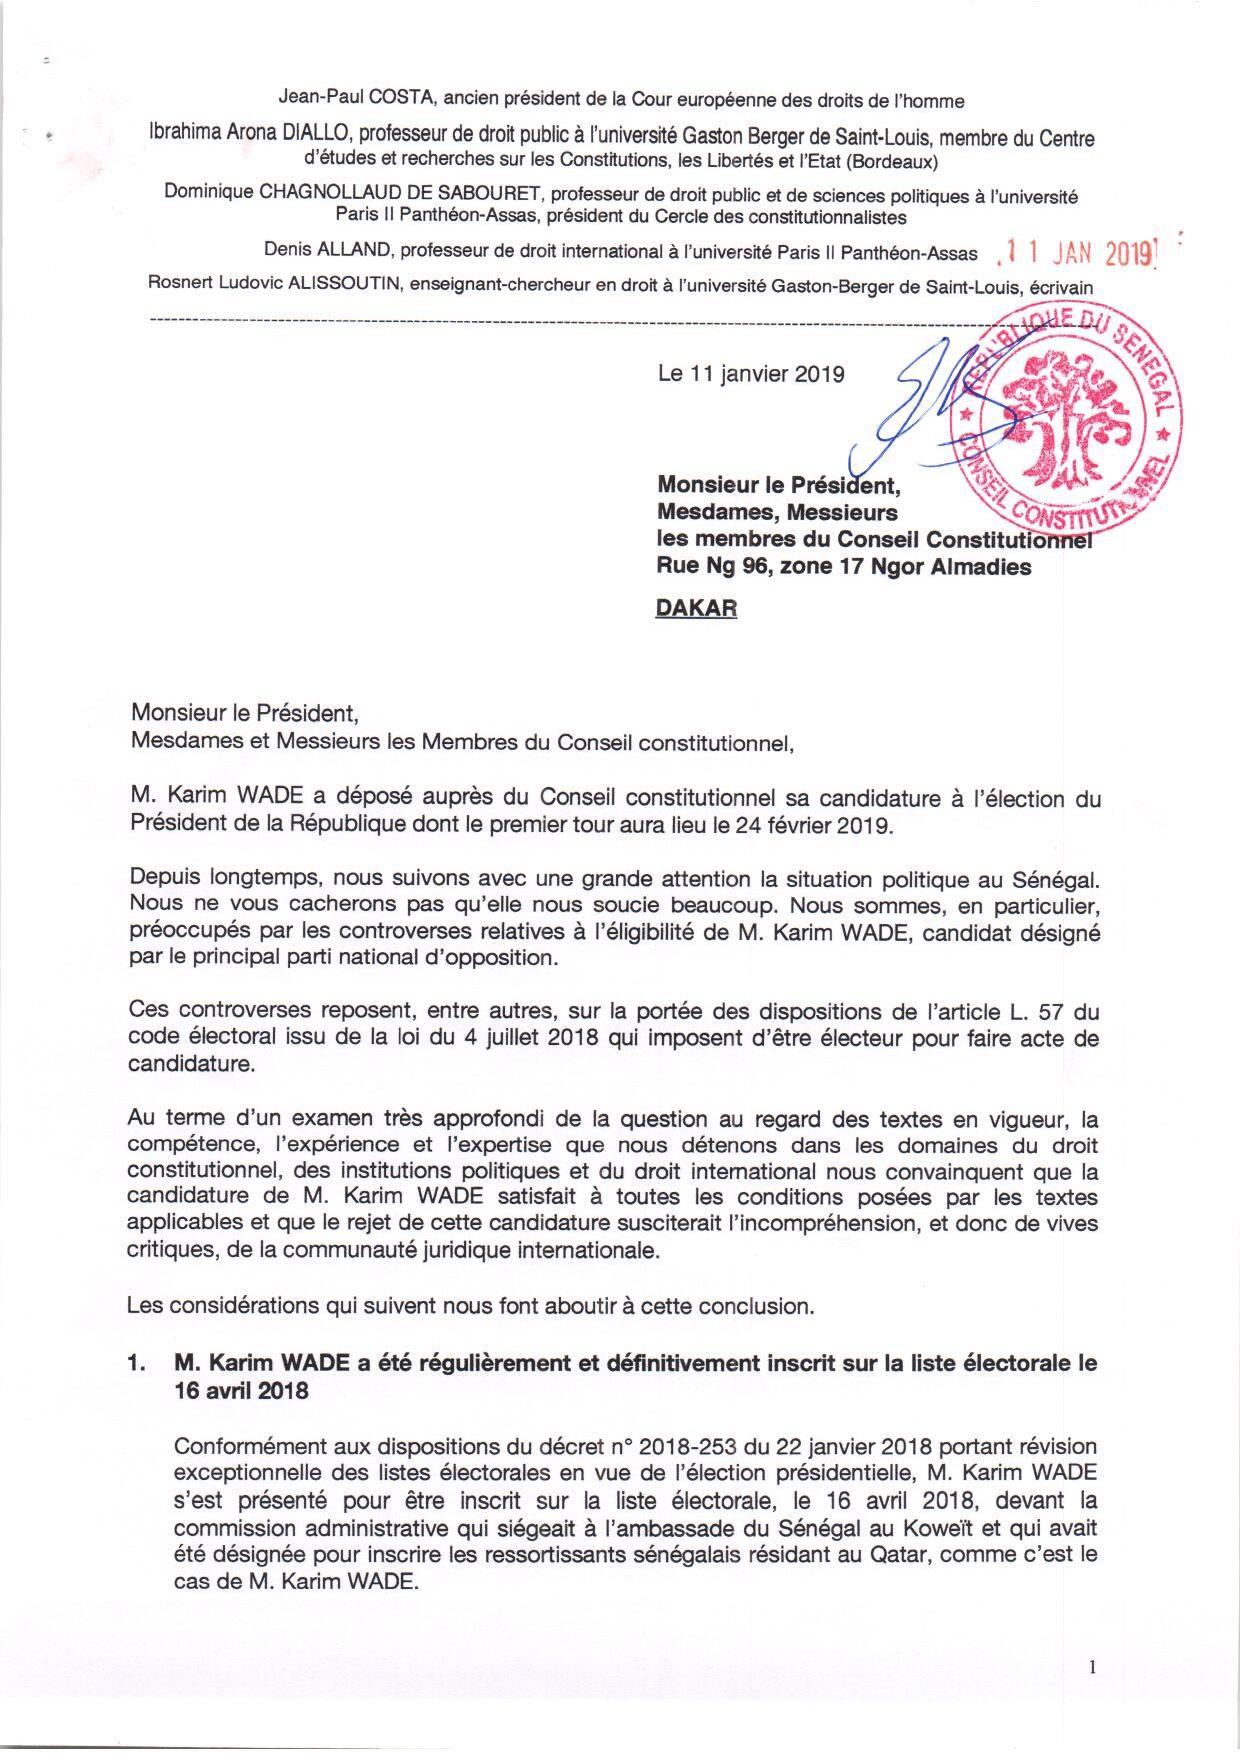 Candidature de Karim Wade: D'éminents juristes nationaux et internationaux écrivent au conseil constitutionnel